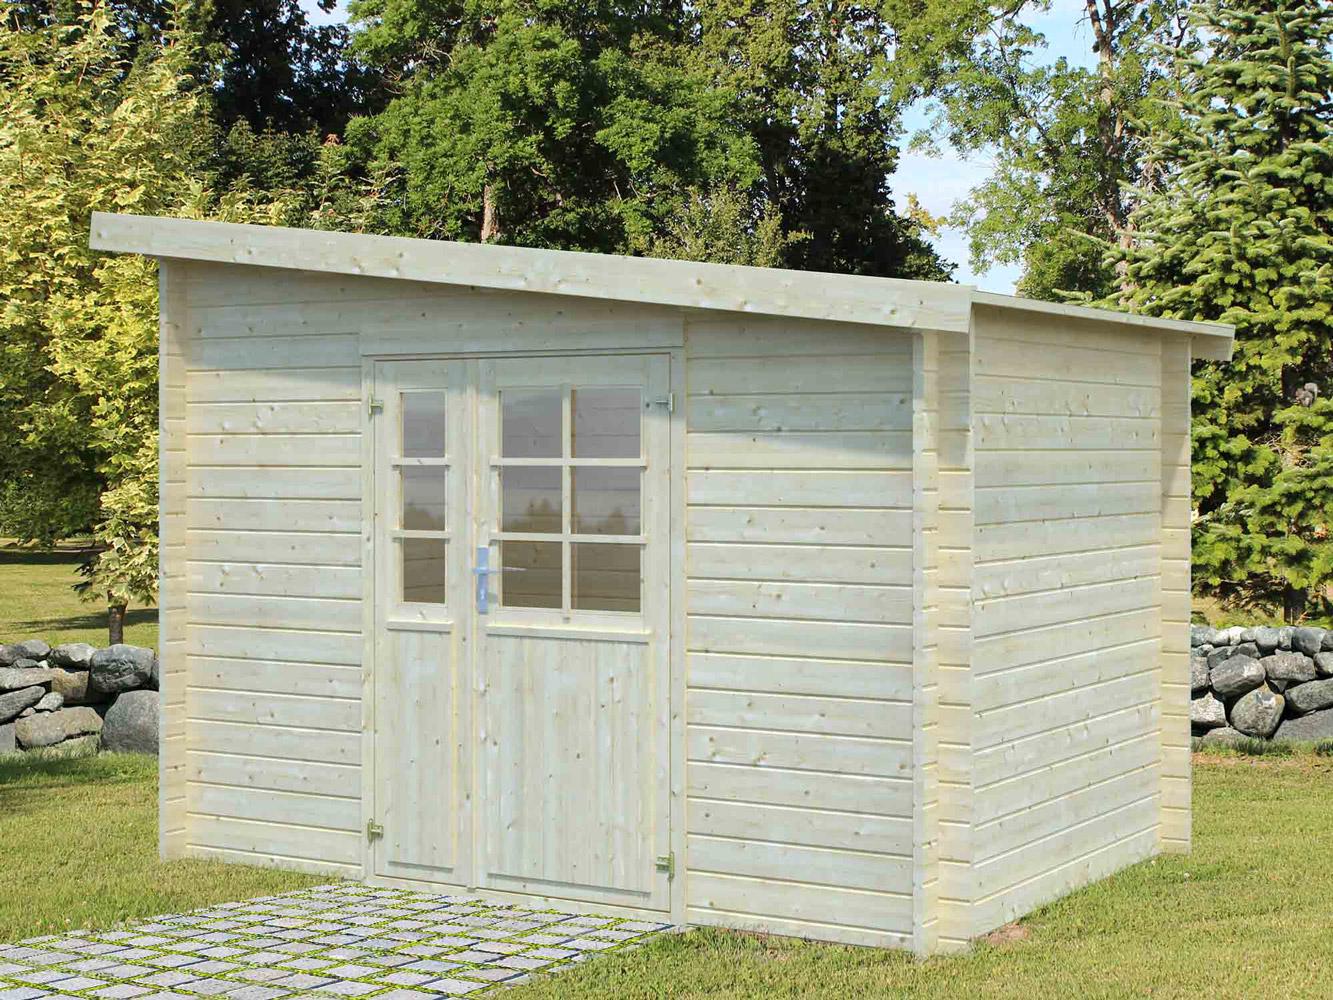 Abri De Jardin Bois Labeaume 9.86 M² Adossable - Oogarden intérieur Abri De Jardin Adossable 5M2